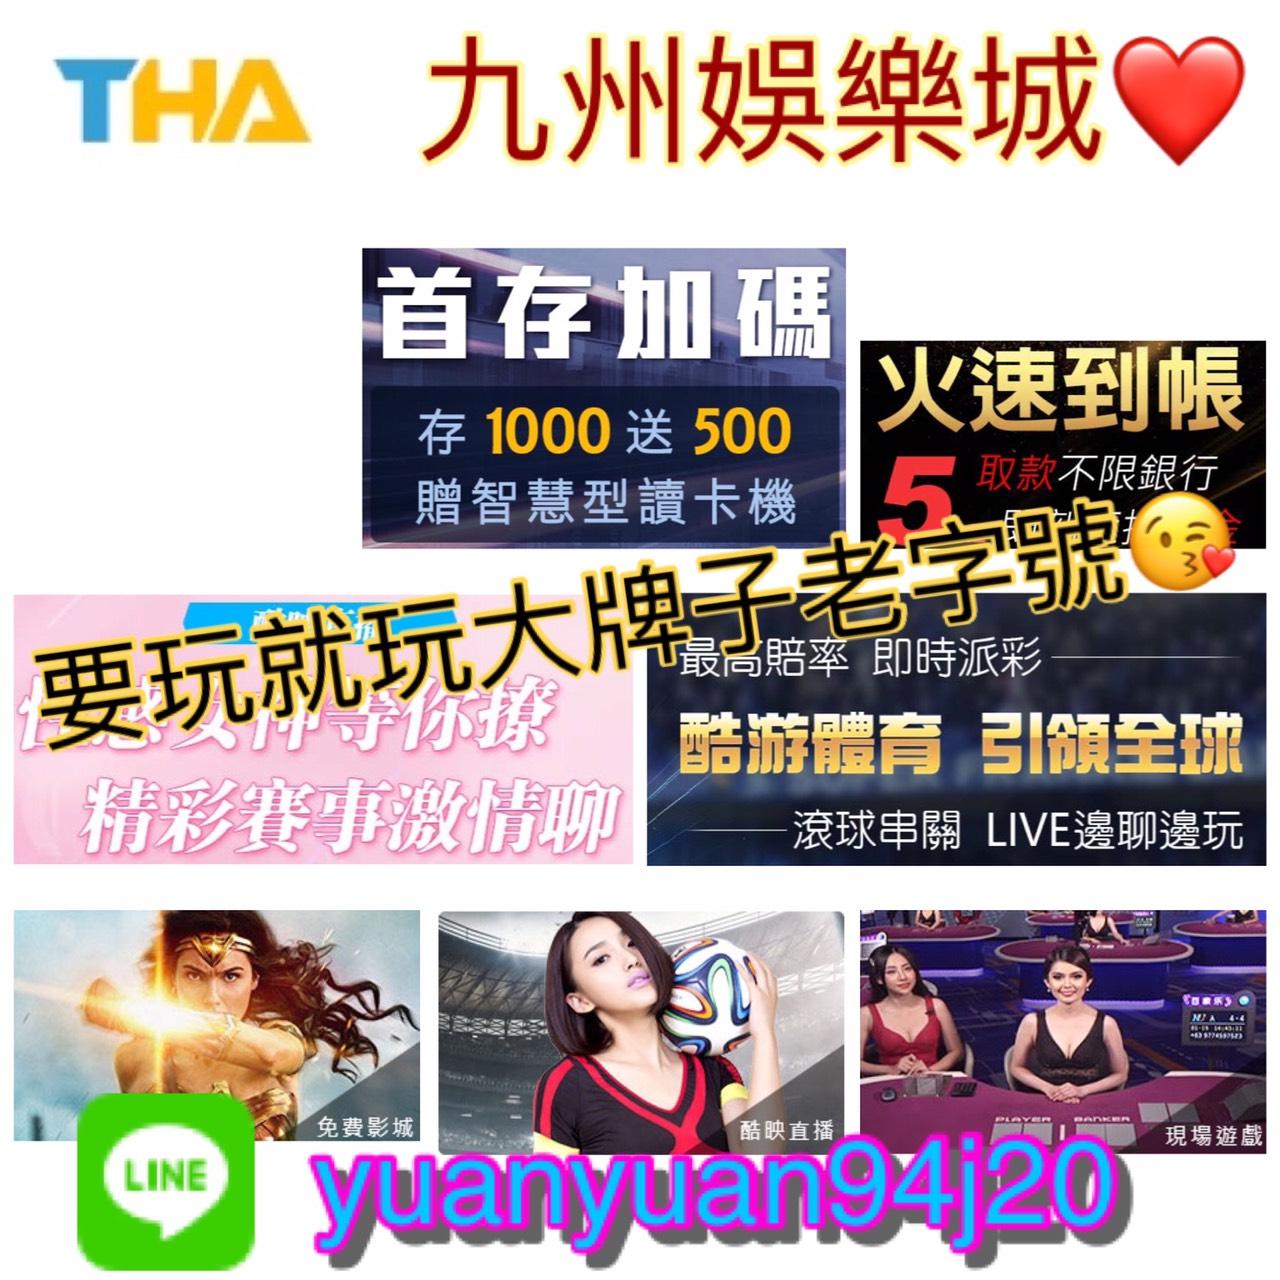 THA 天下現金網  正版九州娛樂城  現在加入3位數至4位數優惠金大方送!!!!!!!!!!